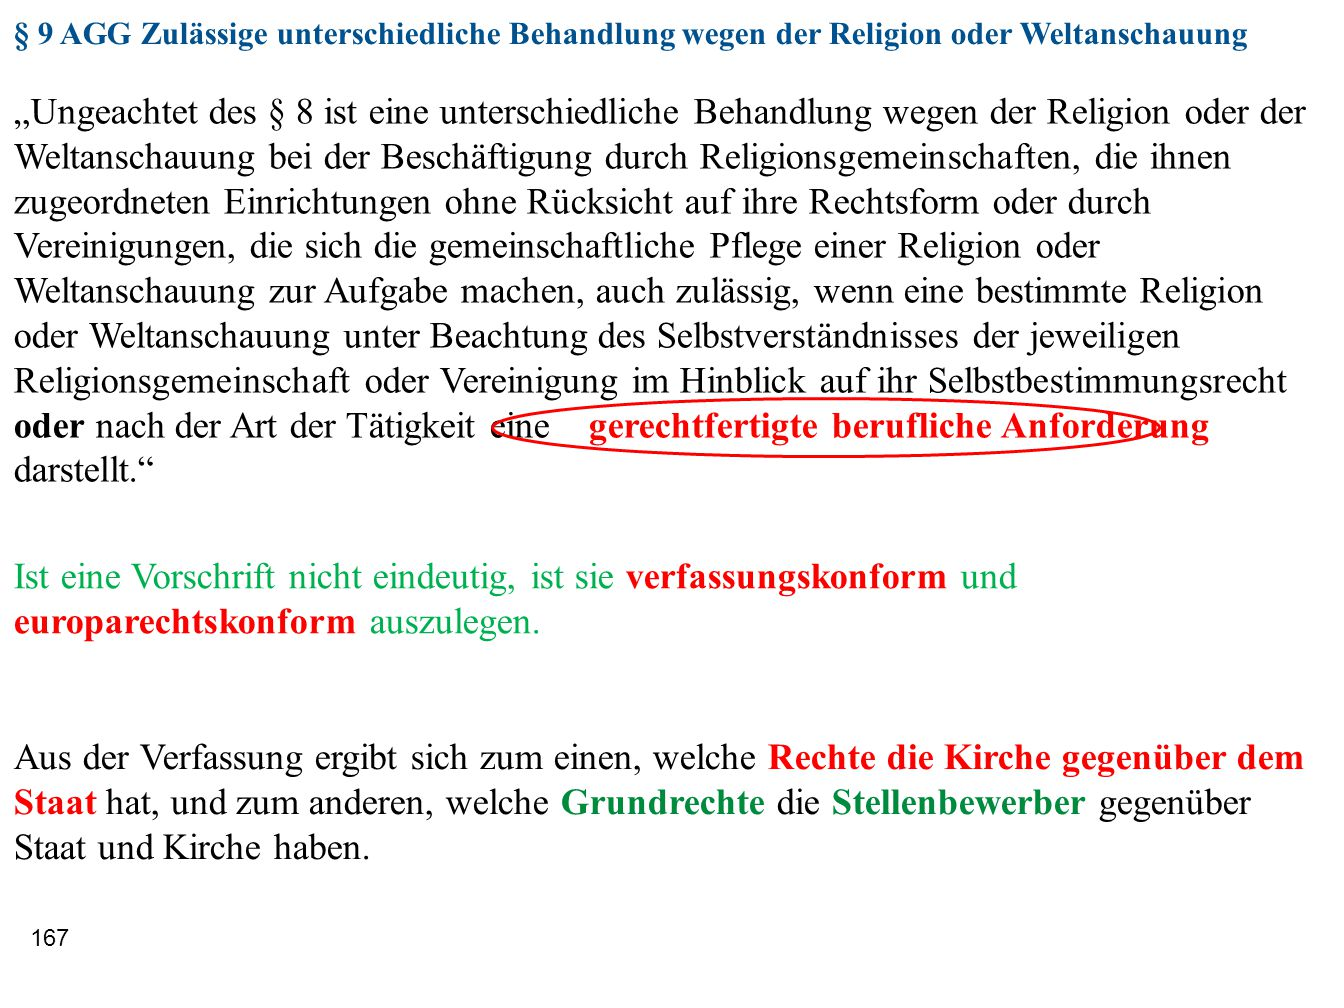 § 9 AGG Zulässige unterschiedliche Behandlung wegen der Religion oder Weltanschauung